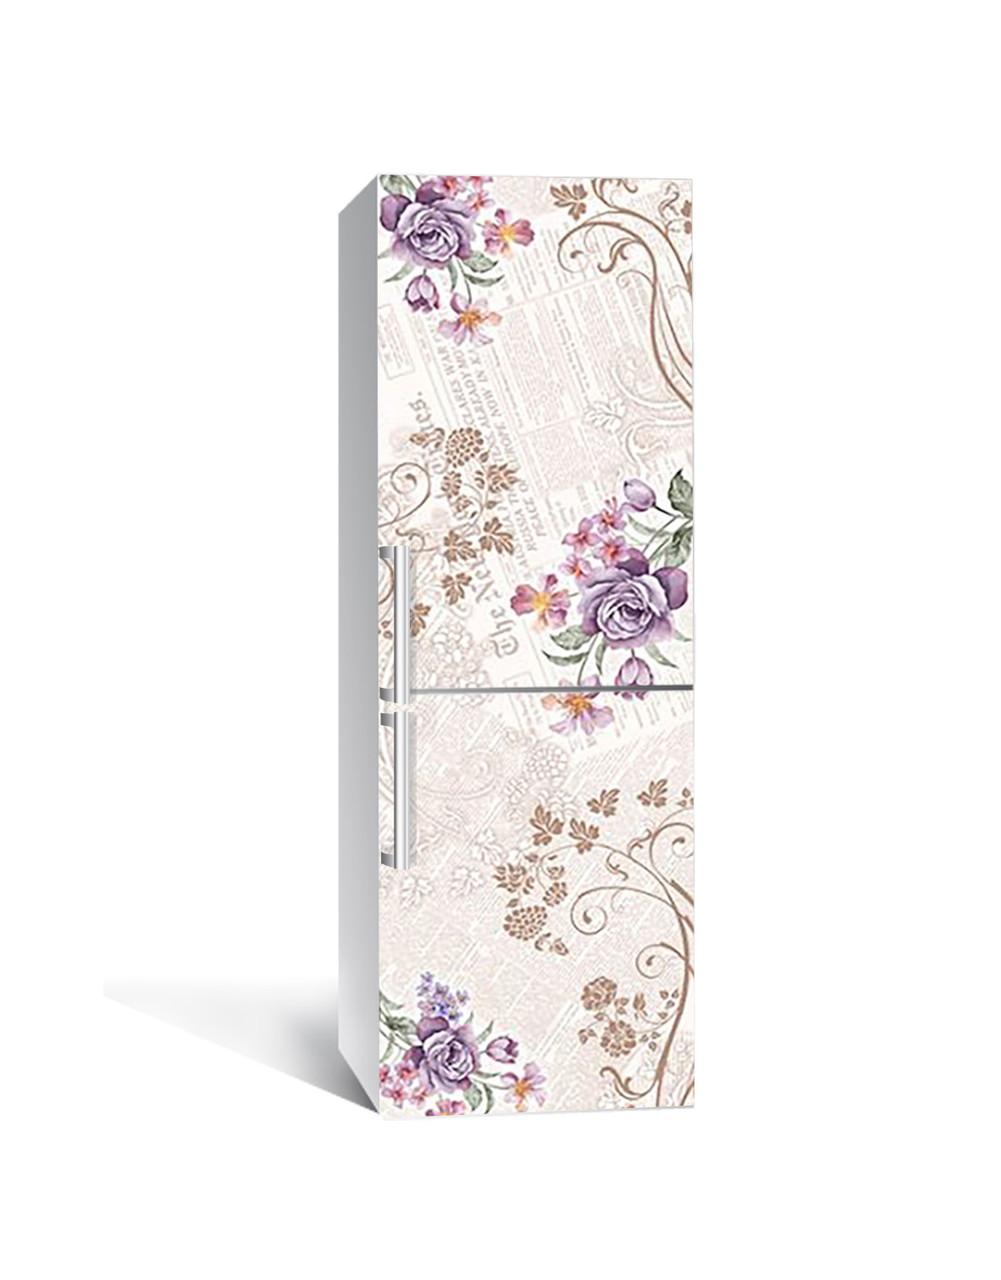 Вінілова 3Д наклейка на холодильник Квіткові Візерунки ПВХ плівка самоклеюча Абстракція Бежевий 650*2000 мм